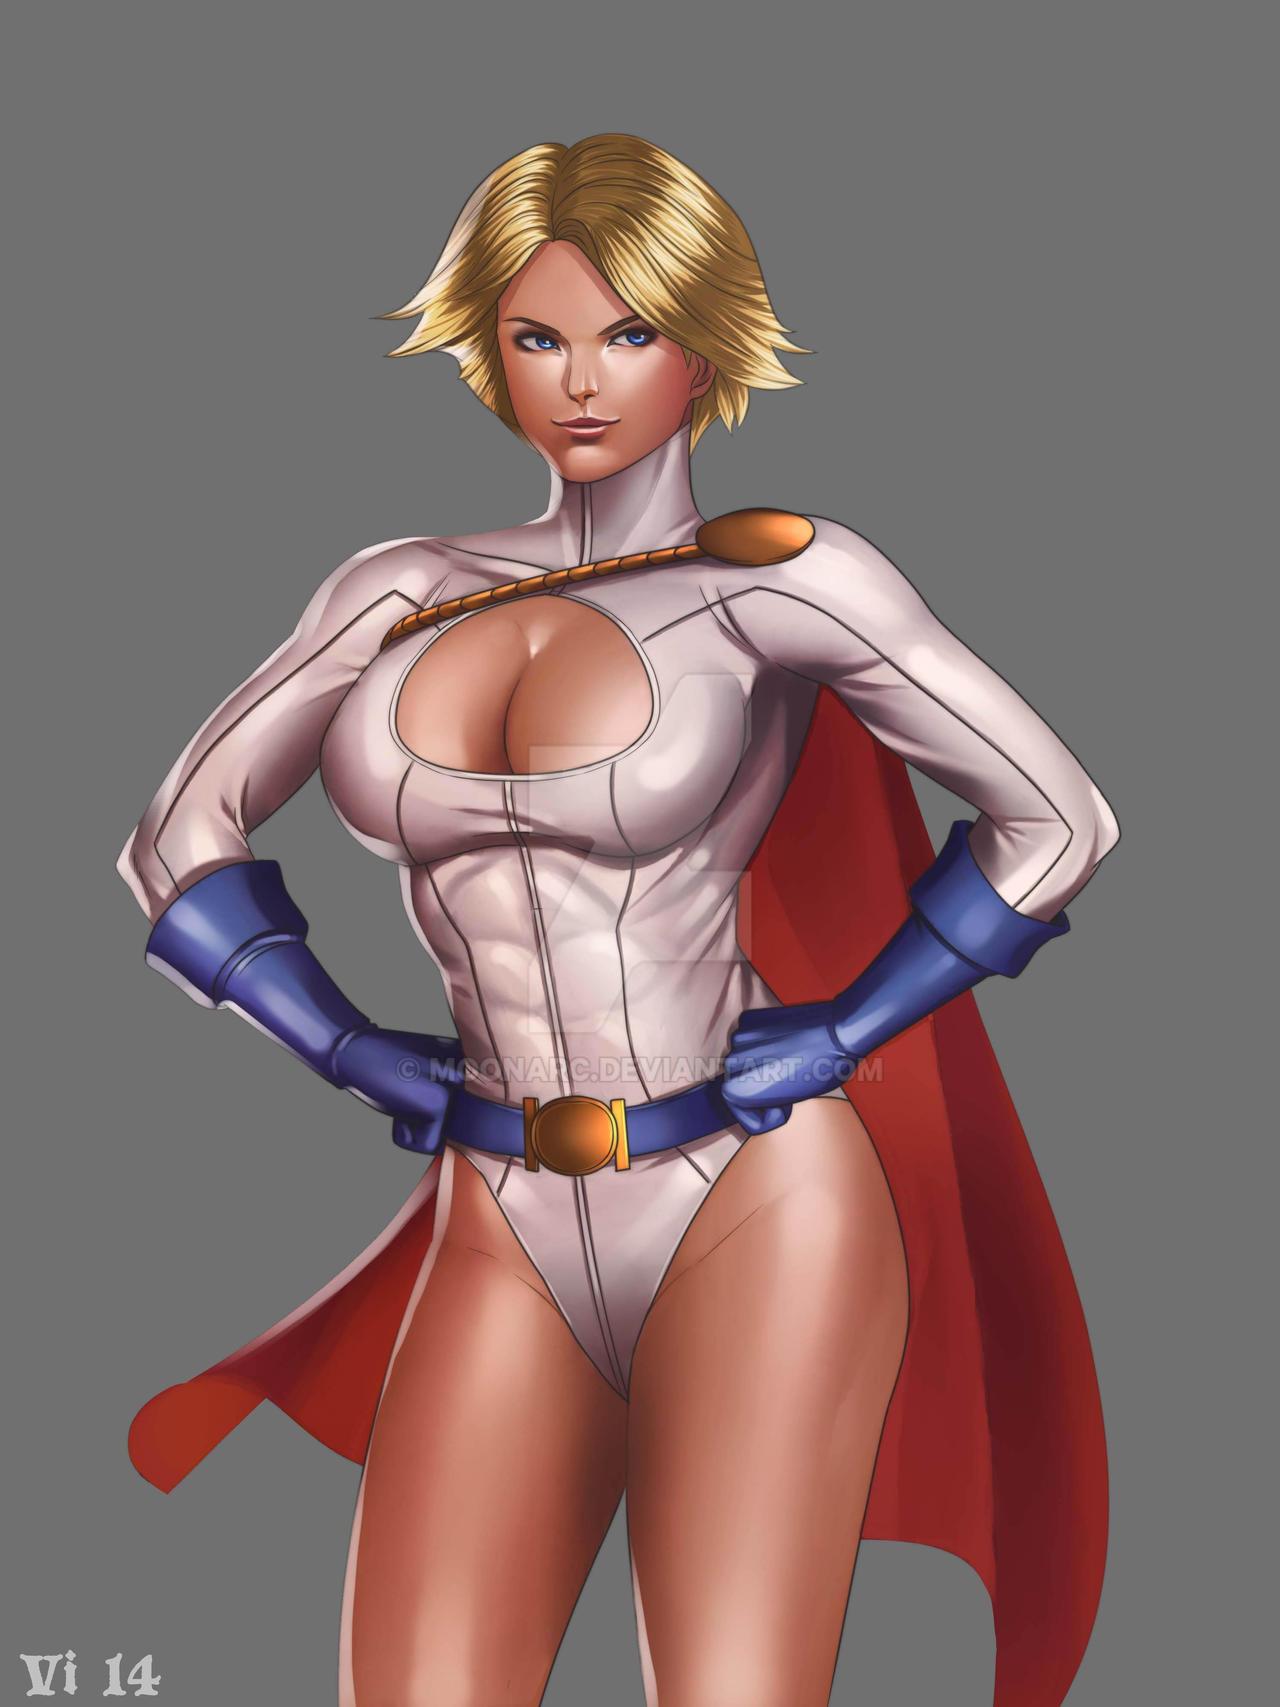 hot power girl sex art